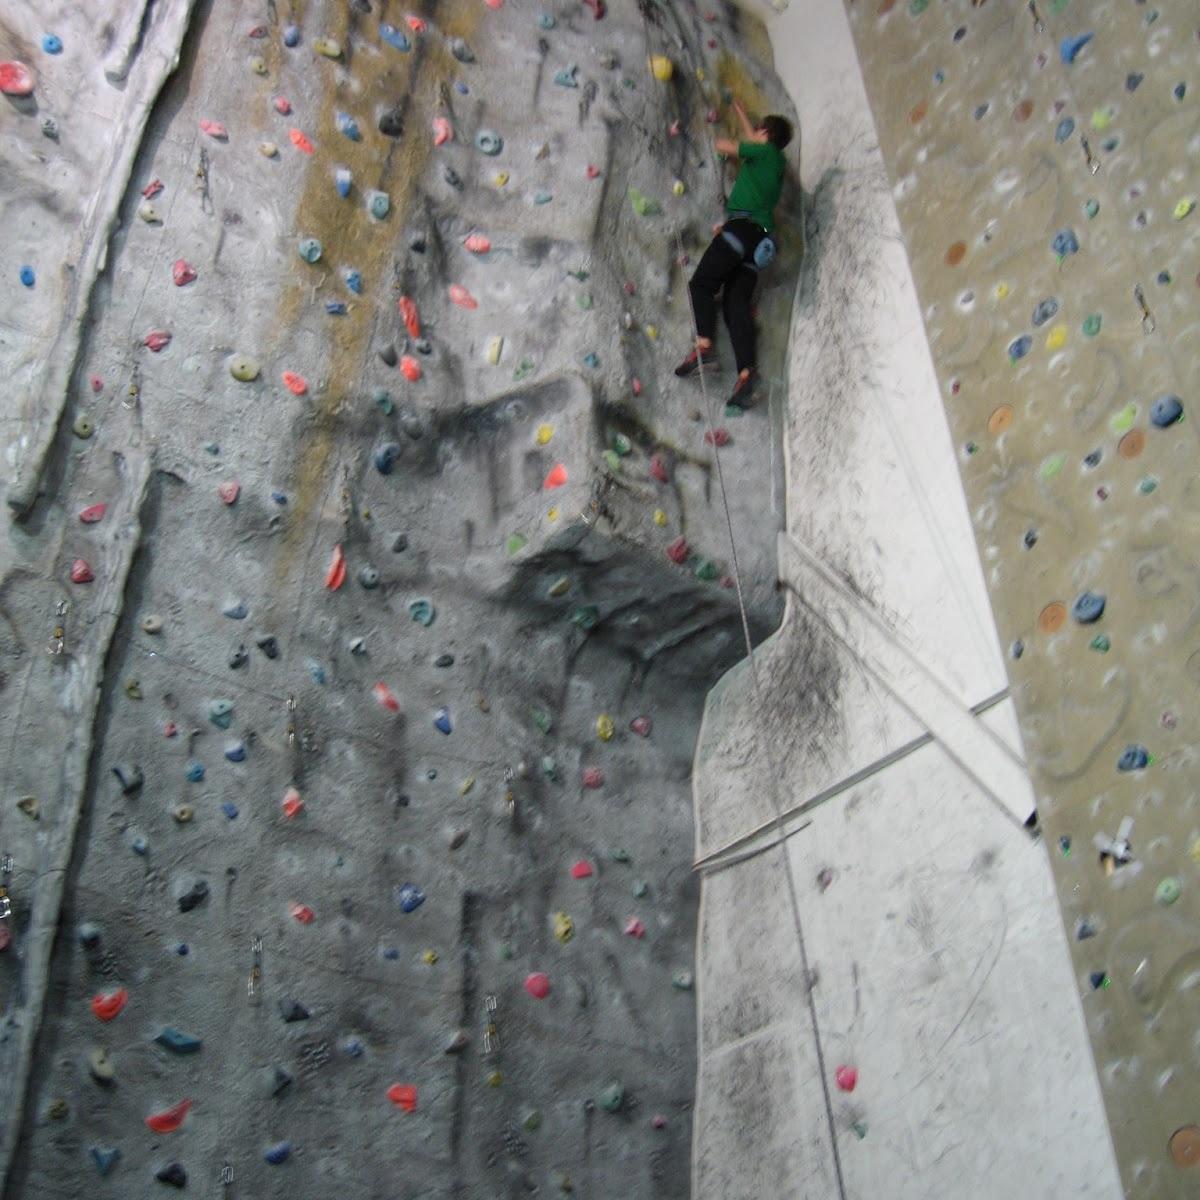 - Priser forutsatt Sit-medlemskap1 dag - 25kr1 år - 300krTips: Må har brattkort for å klatre på DragWall, kan leie nødvendig utstyr,Nettsted: her